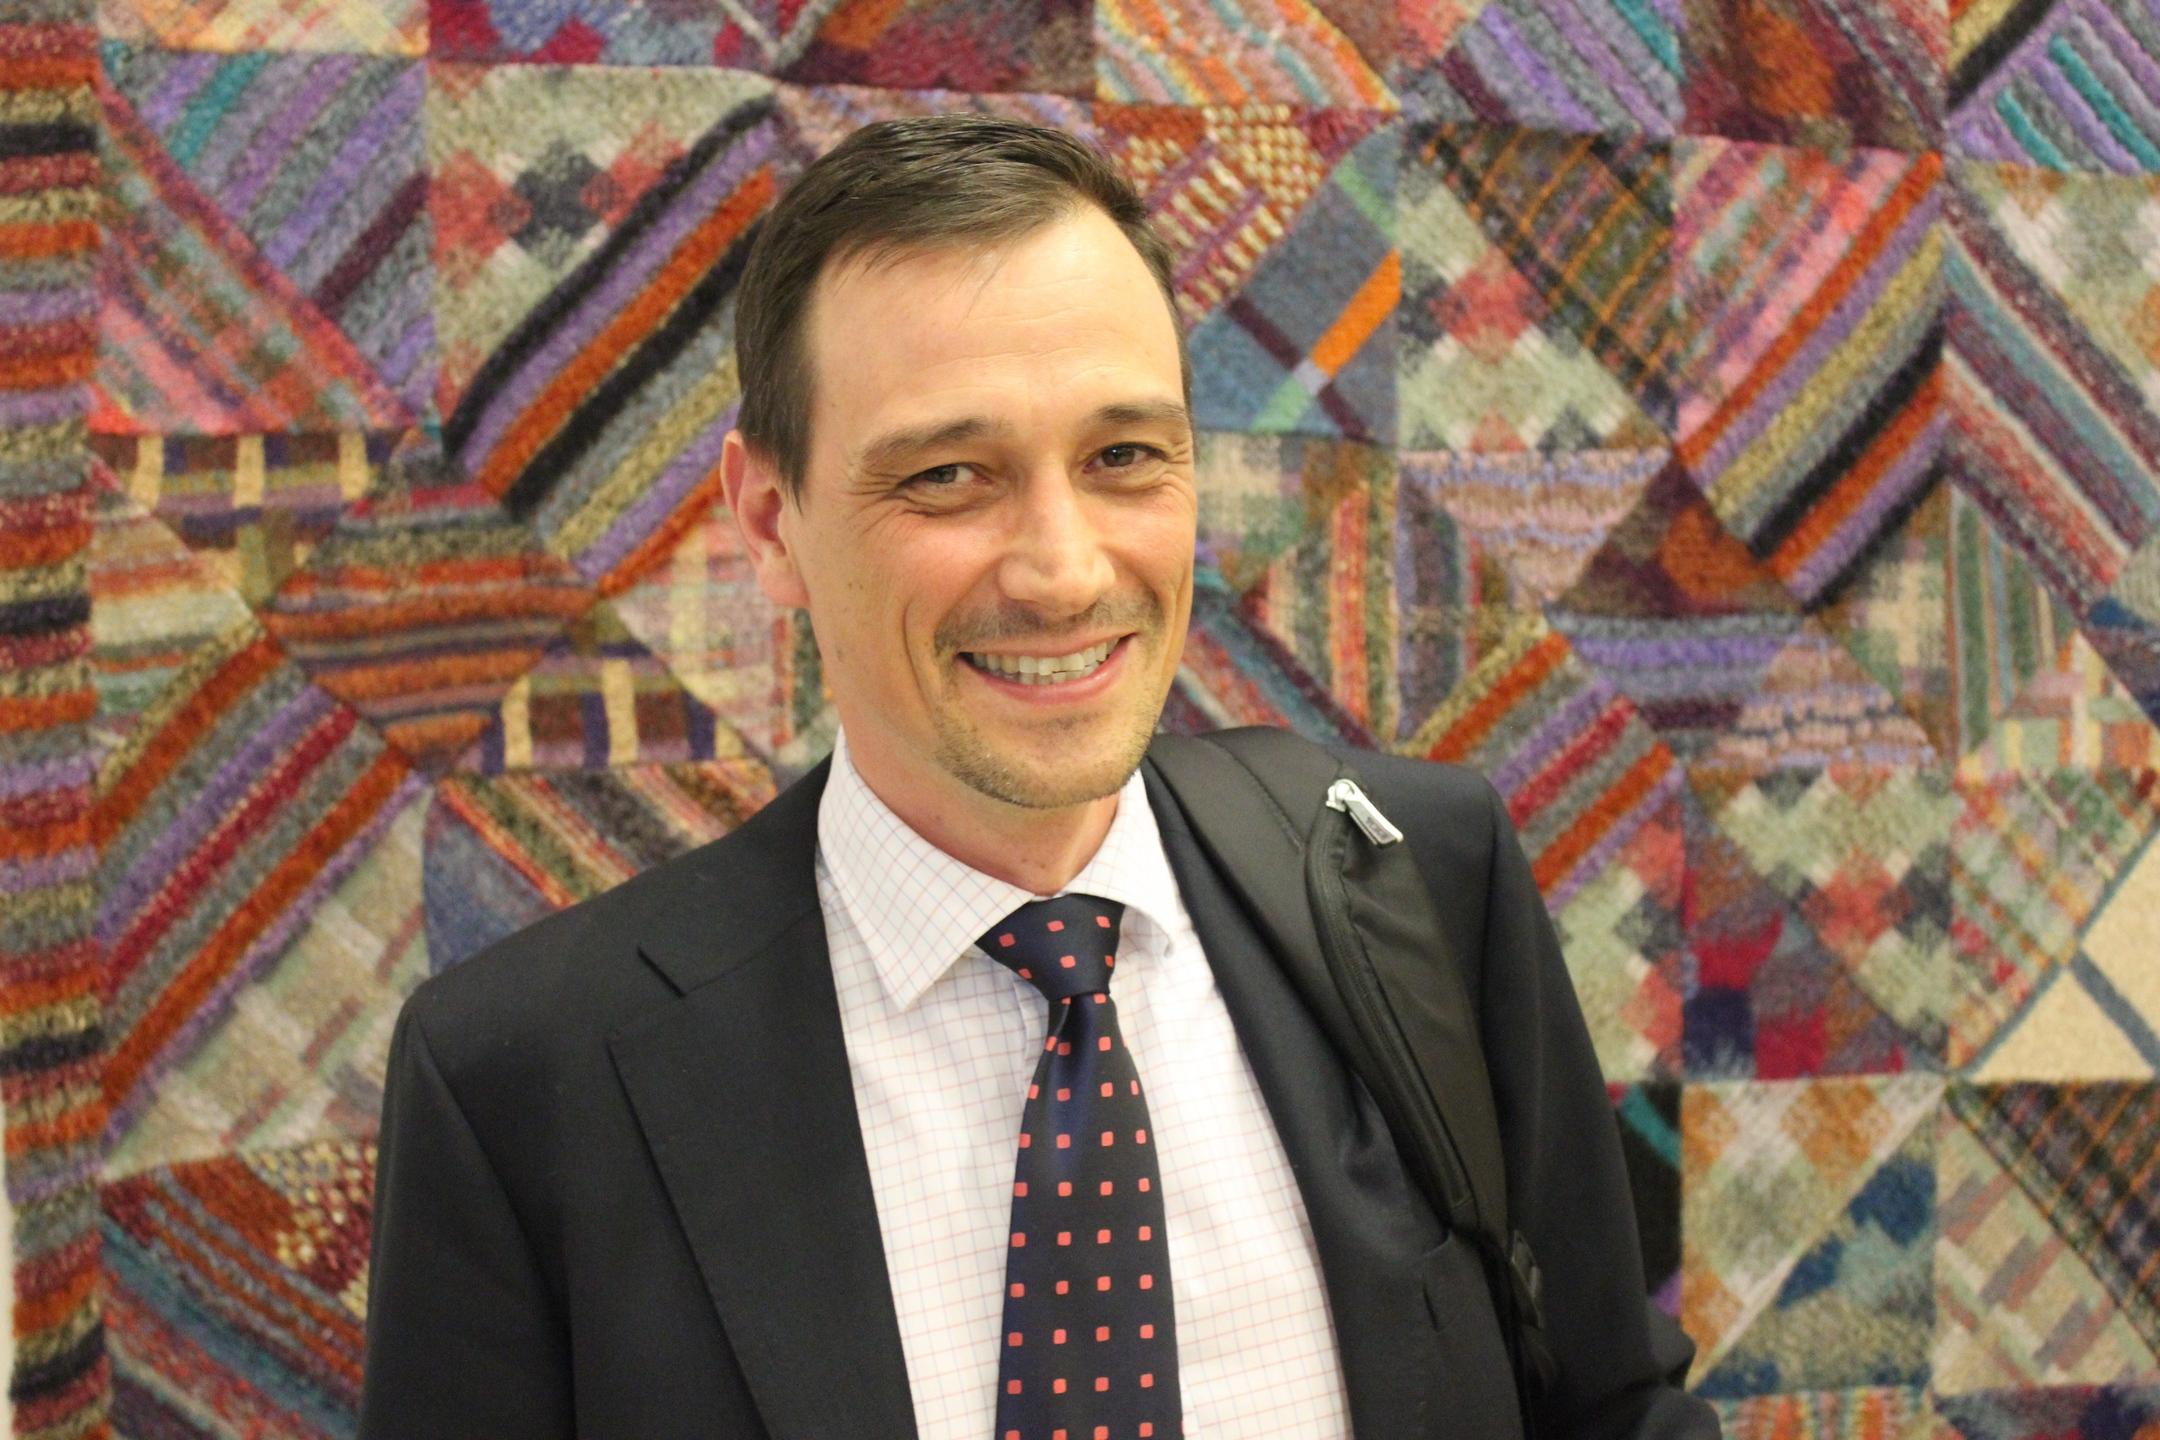 """Brenno Todero, direttore generale di United Colors of Benetton Russia: """"Per noi l'Unione doganale è un'opportunità per semplificare i flussi logistici e così risparmiare sui costi"""""""